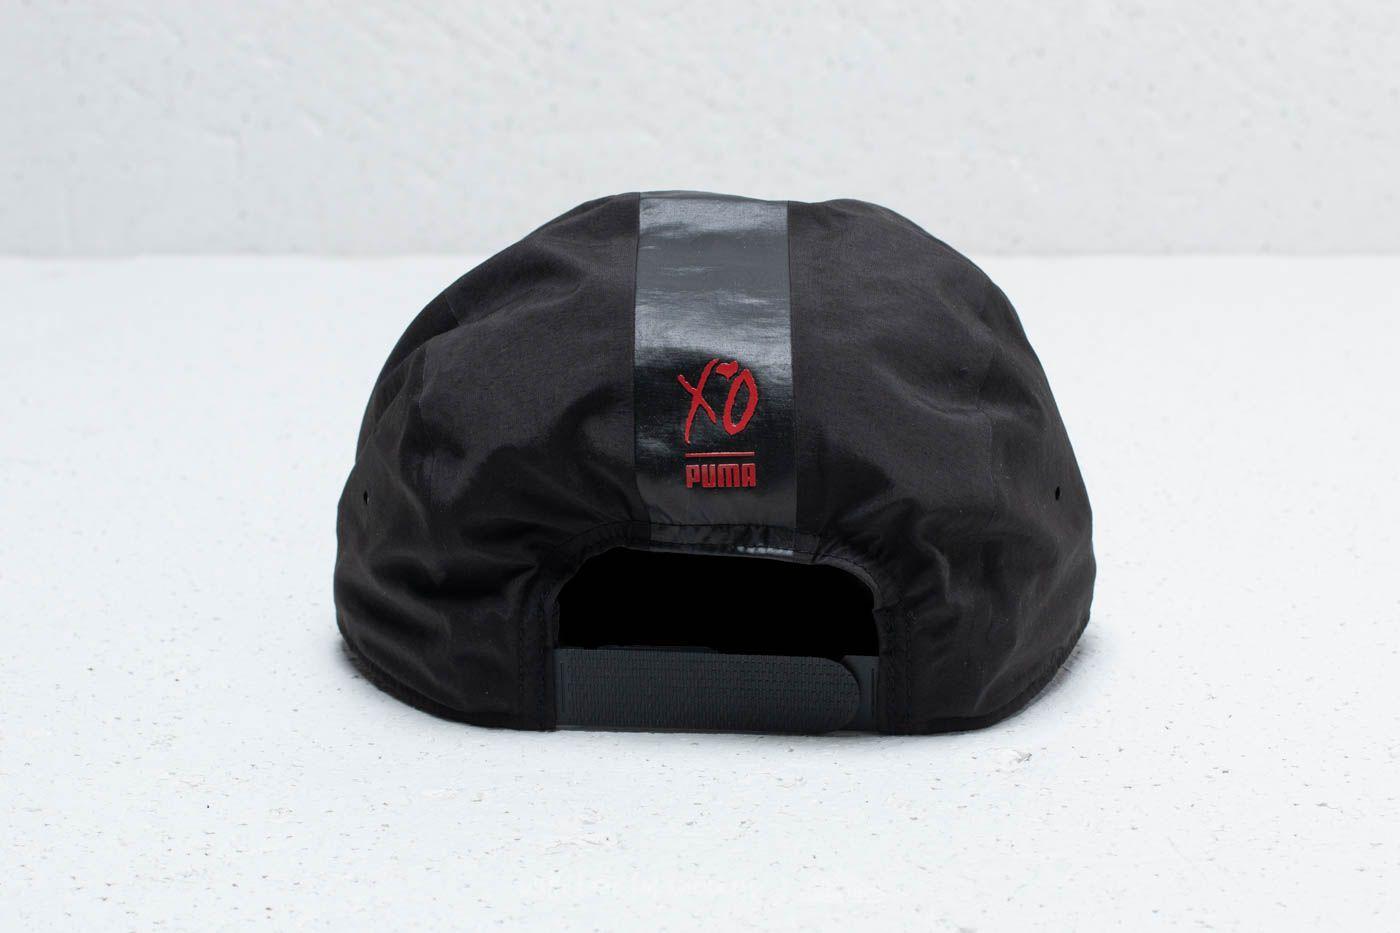 Puma x XO Tech Cap Puma Black a muy buen precio 26 € comprar en Footshop 336bf5dea1a